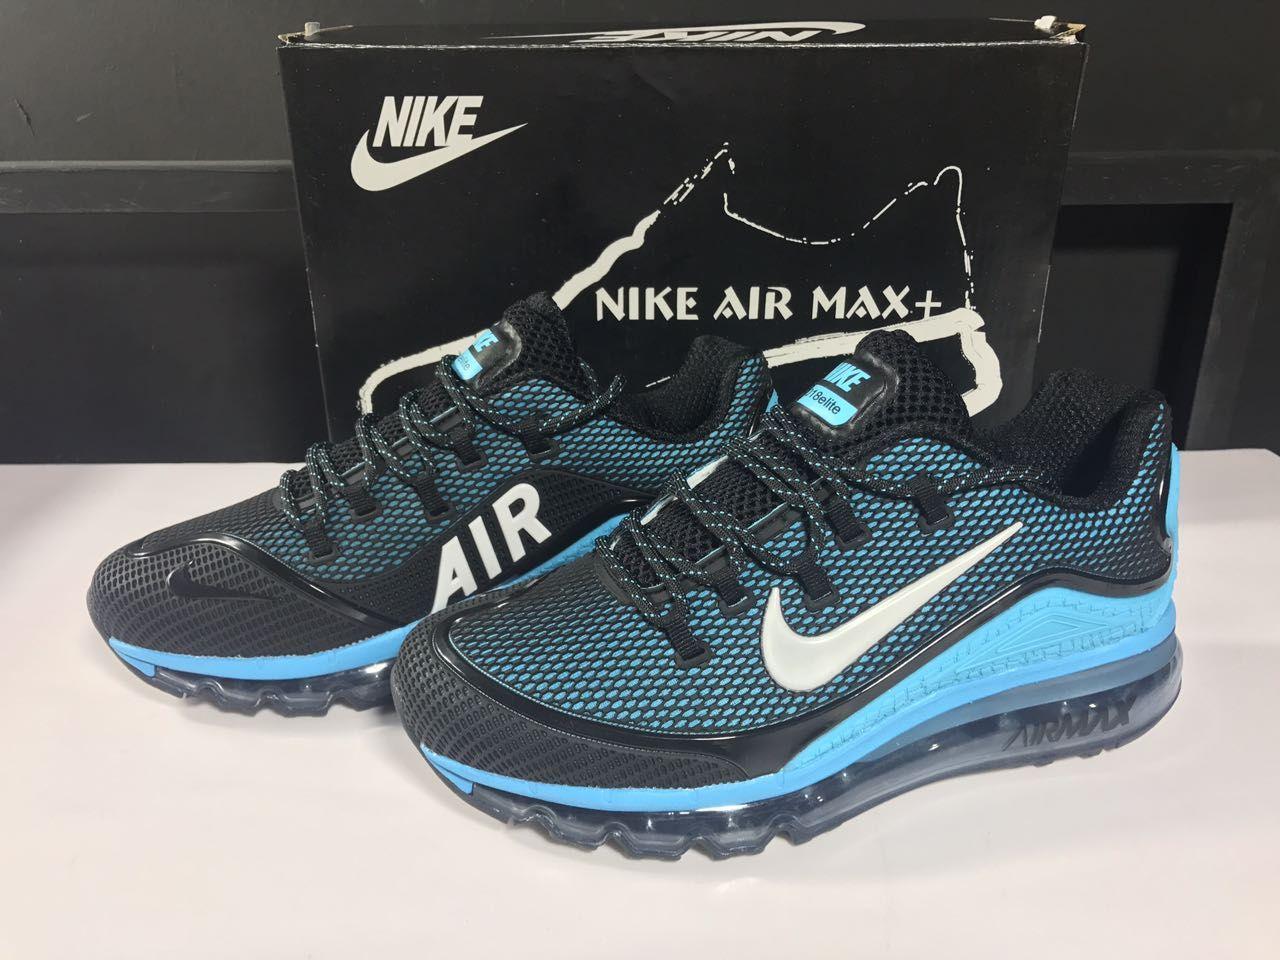 82fba0c19c5b Men s Nike Air Max 2018 Elite KPU TPU Shoes Black Jade